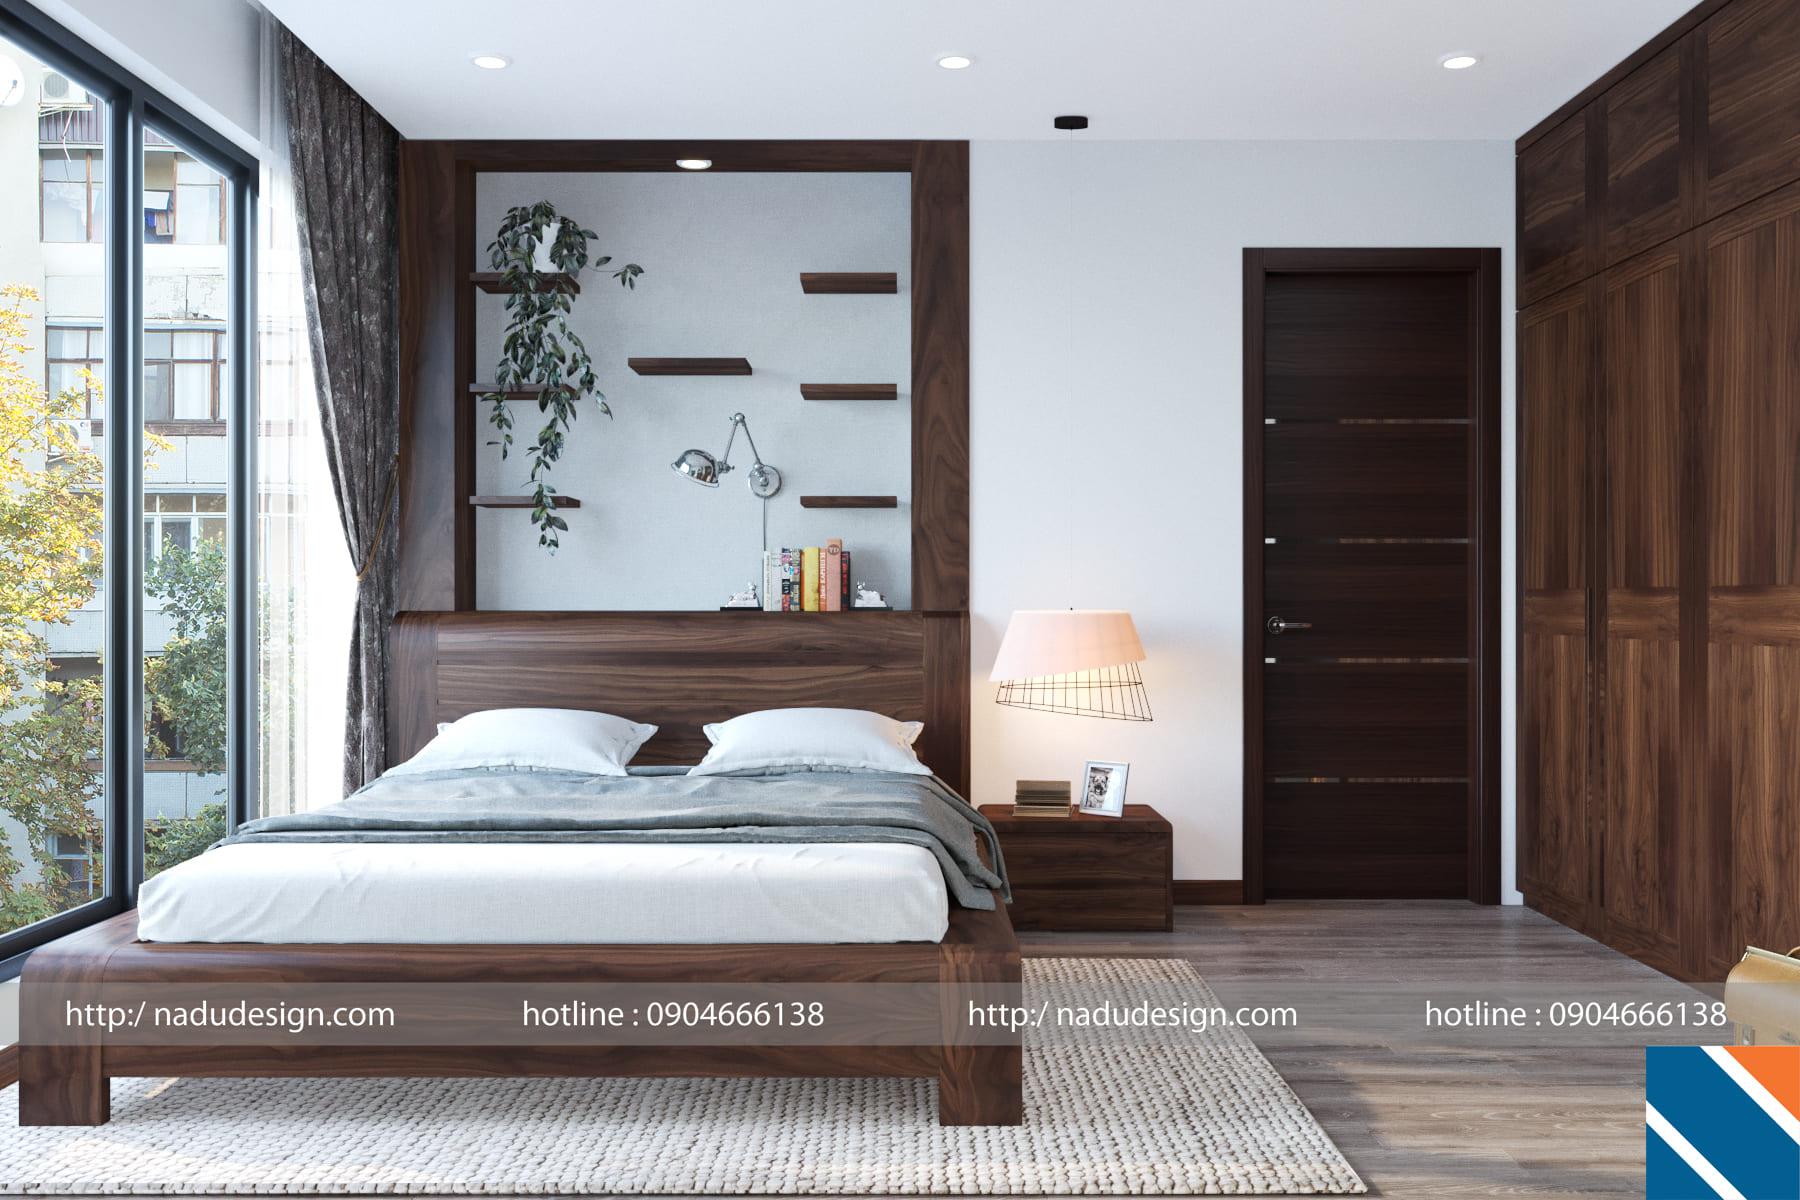 Lựa chọn thảm trải sàn hợp với lối thiết kế nội thất tổng thể